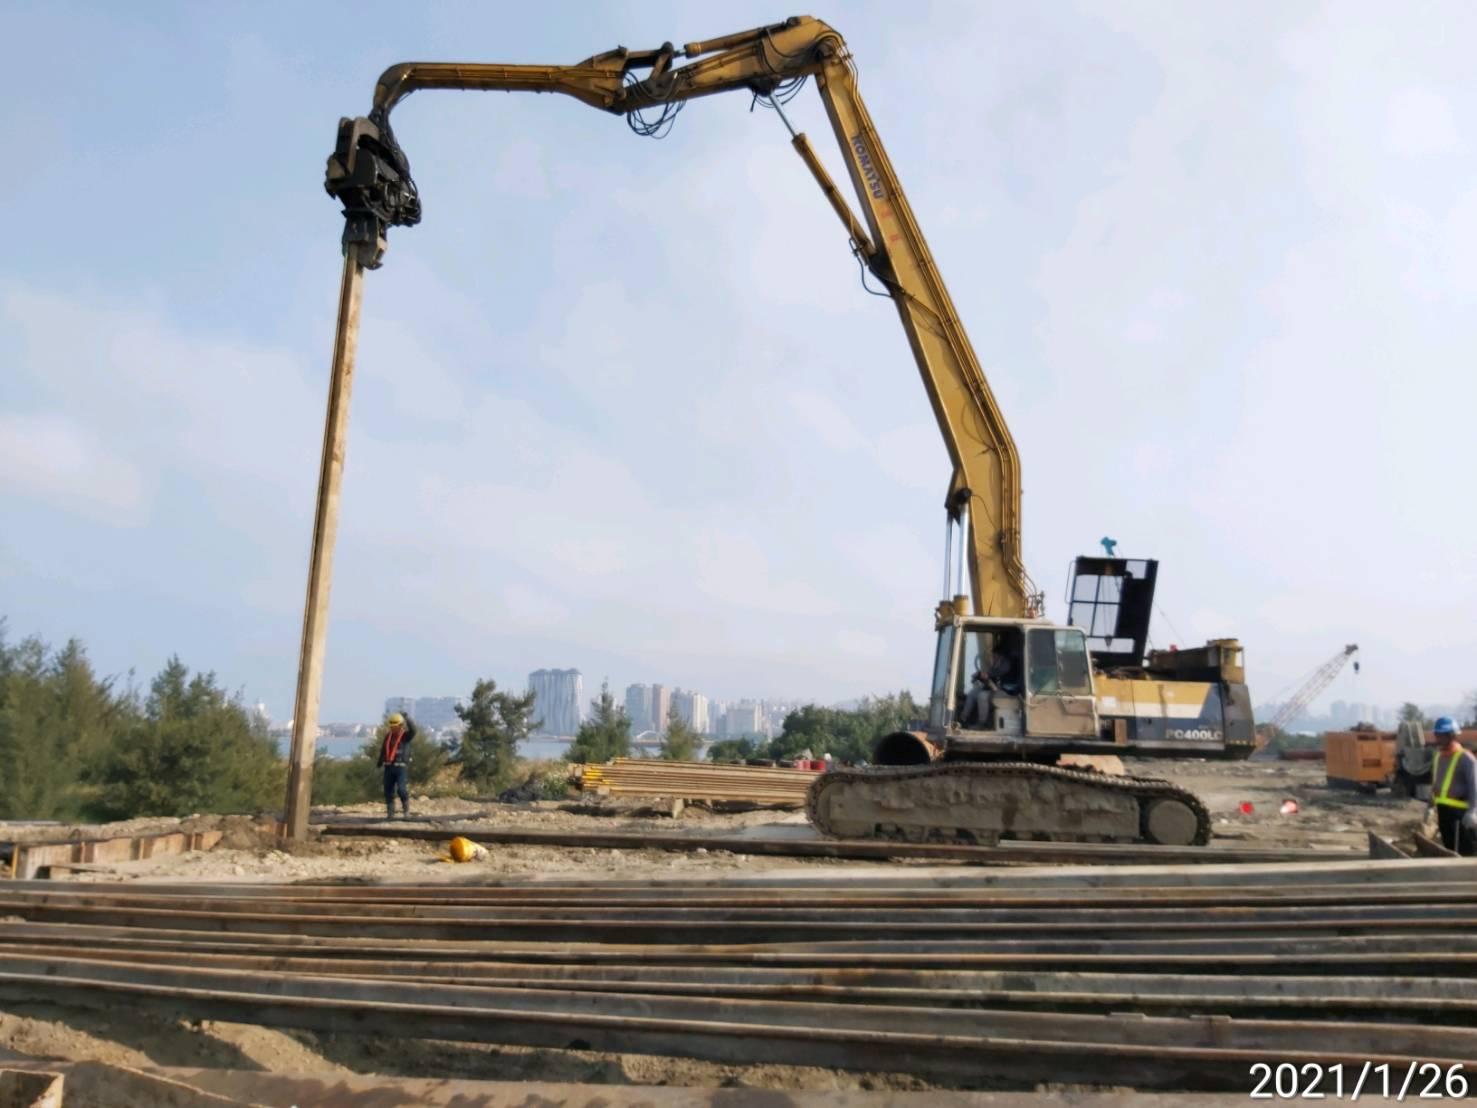 陸上段橋墩基礎擋土鋼板樁打設施工.